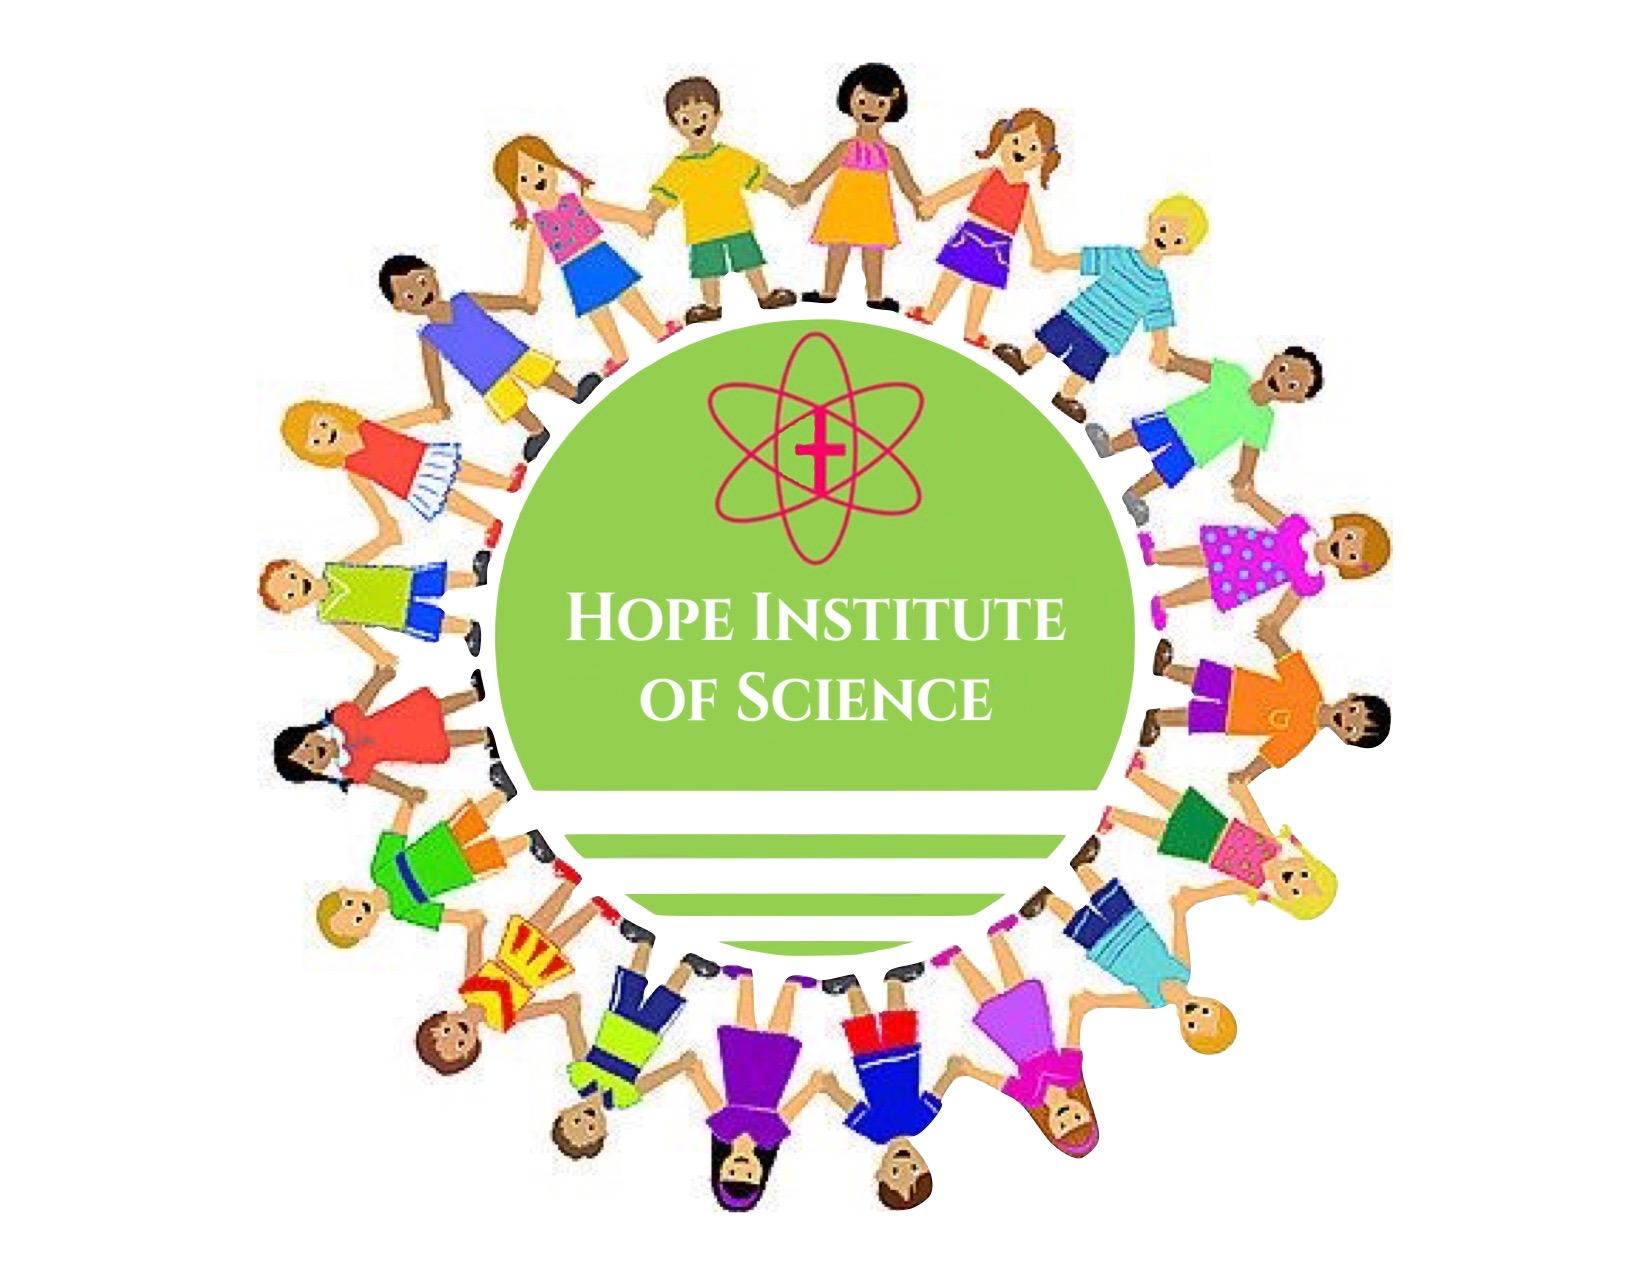 Hope Institute of Science